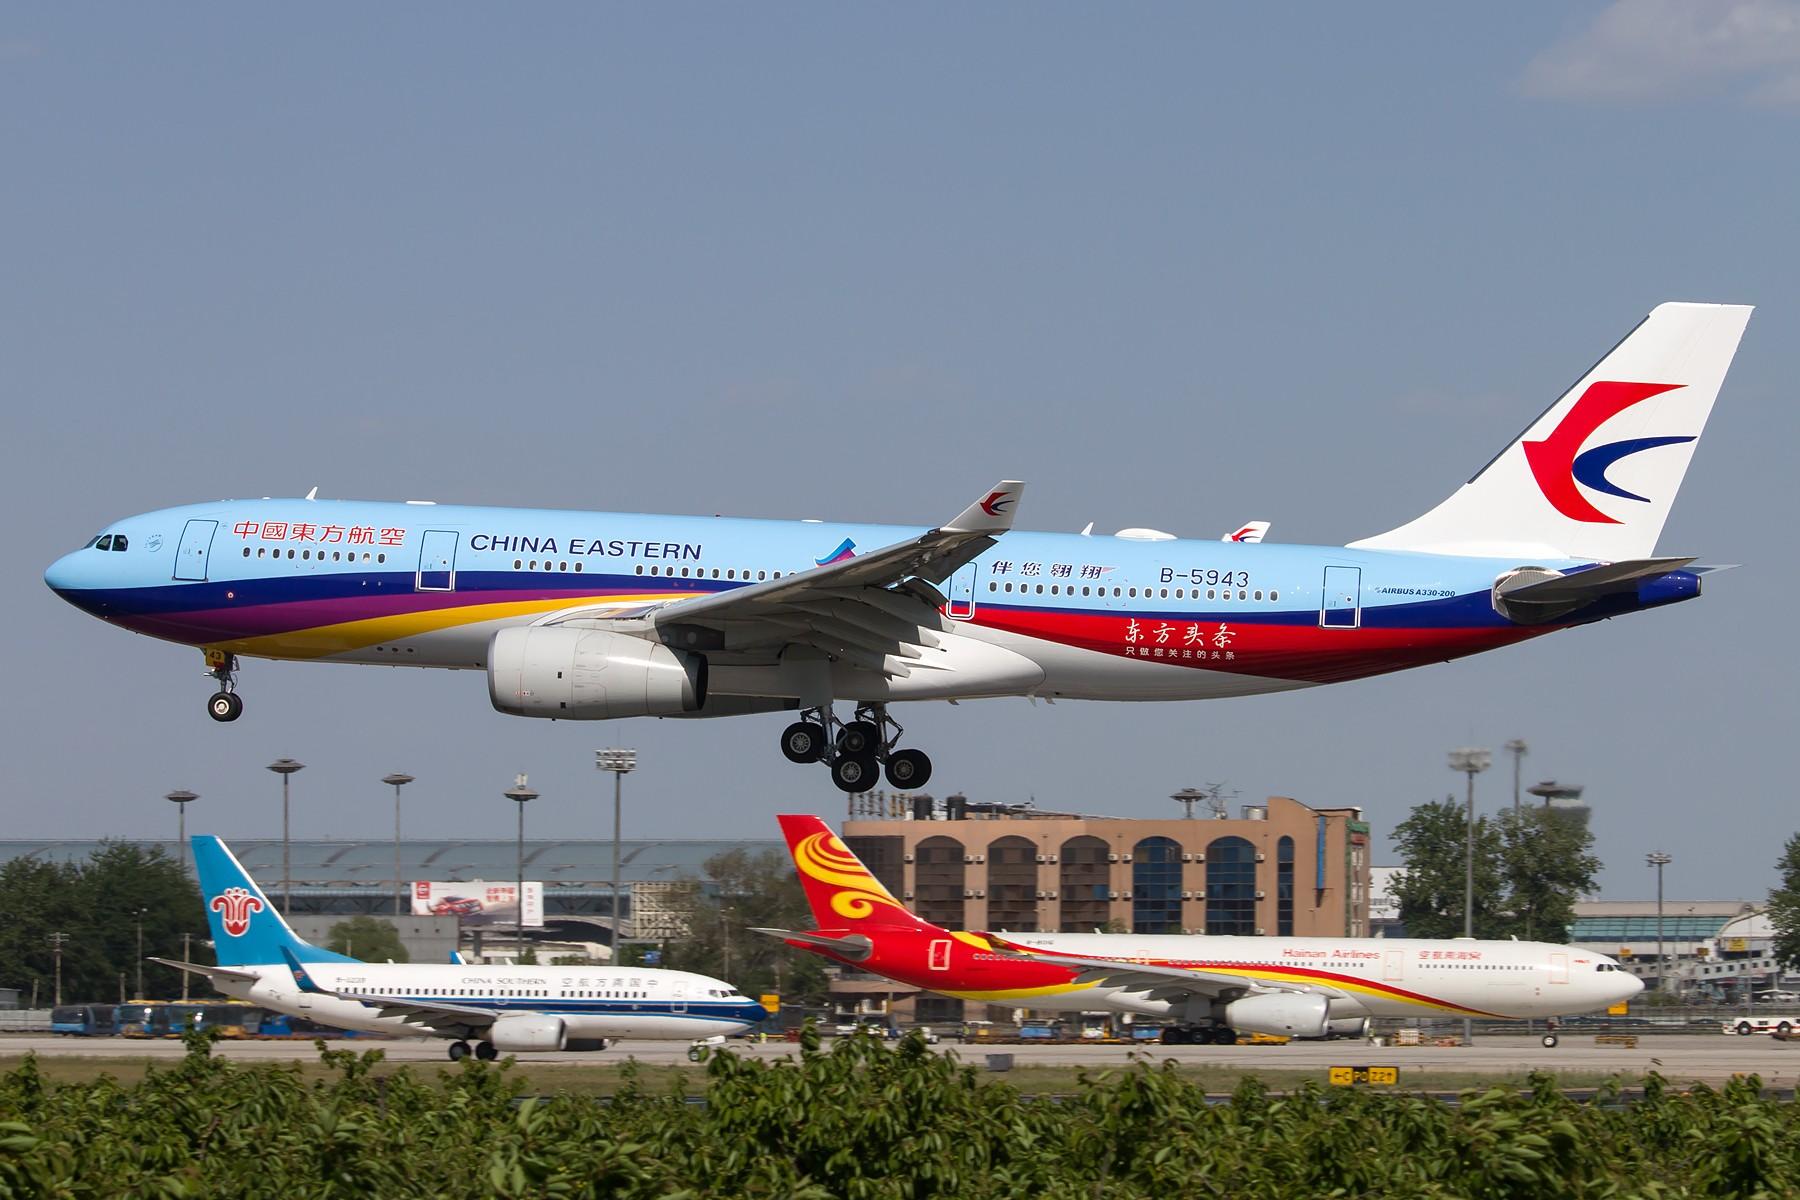 """[一图党] 中国东方航空 B-5943 A330-200 """"东方网""""彩绘 1800*1200 AIRBUS A330-200 B-5943 中国北京首都国际机场"""